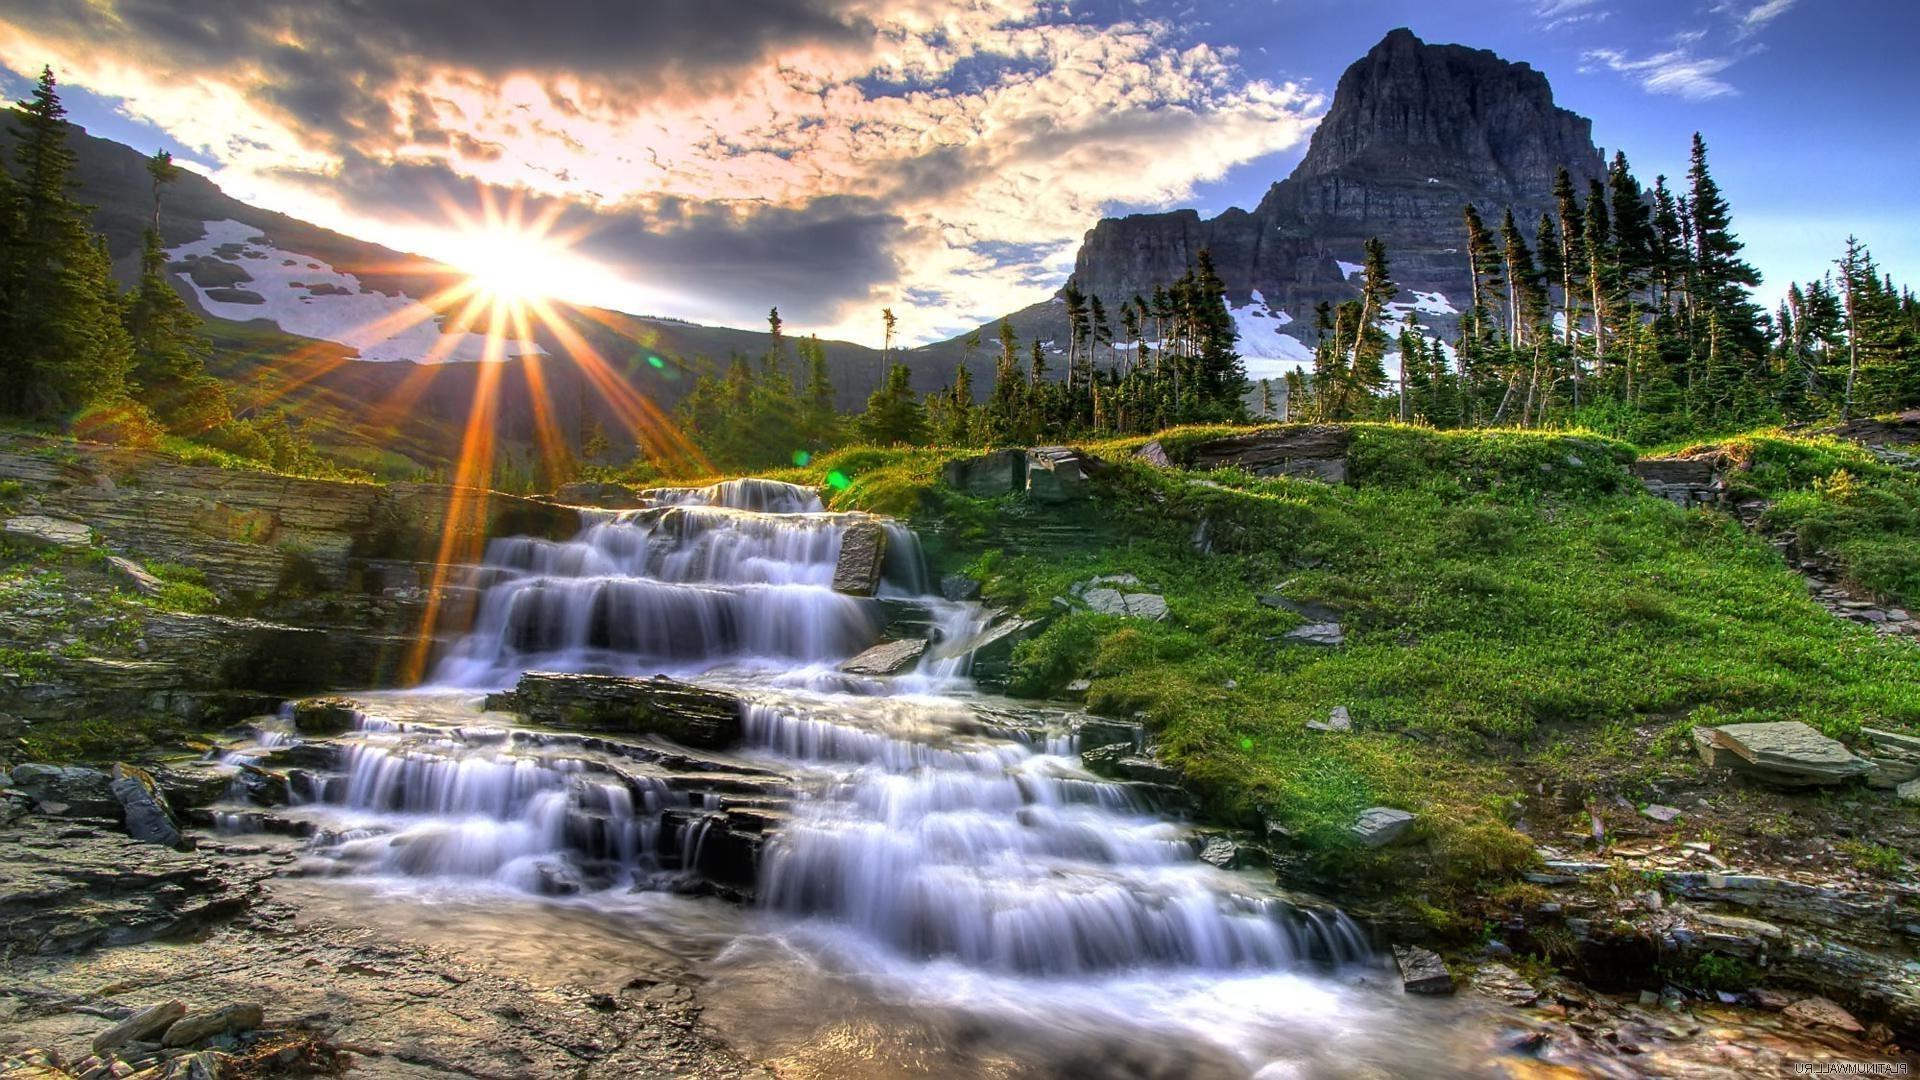 Обои красиво, Горная река. Природа foto 12